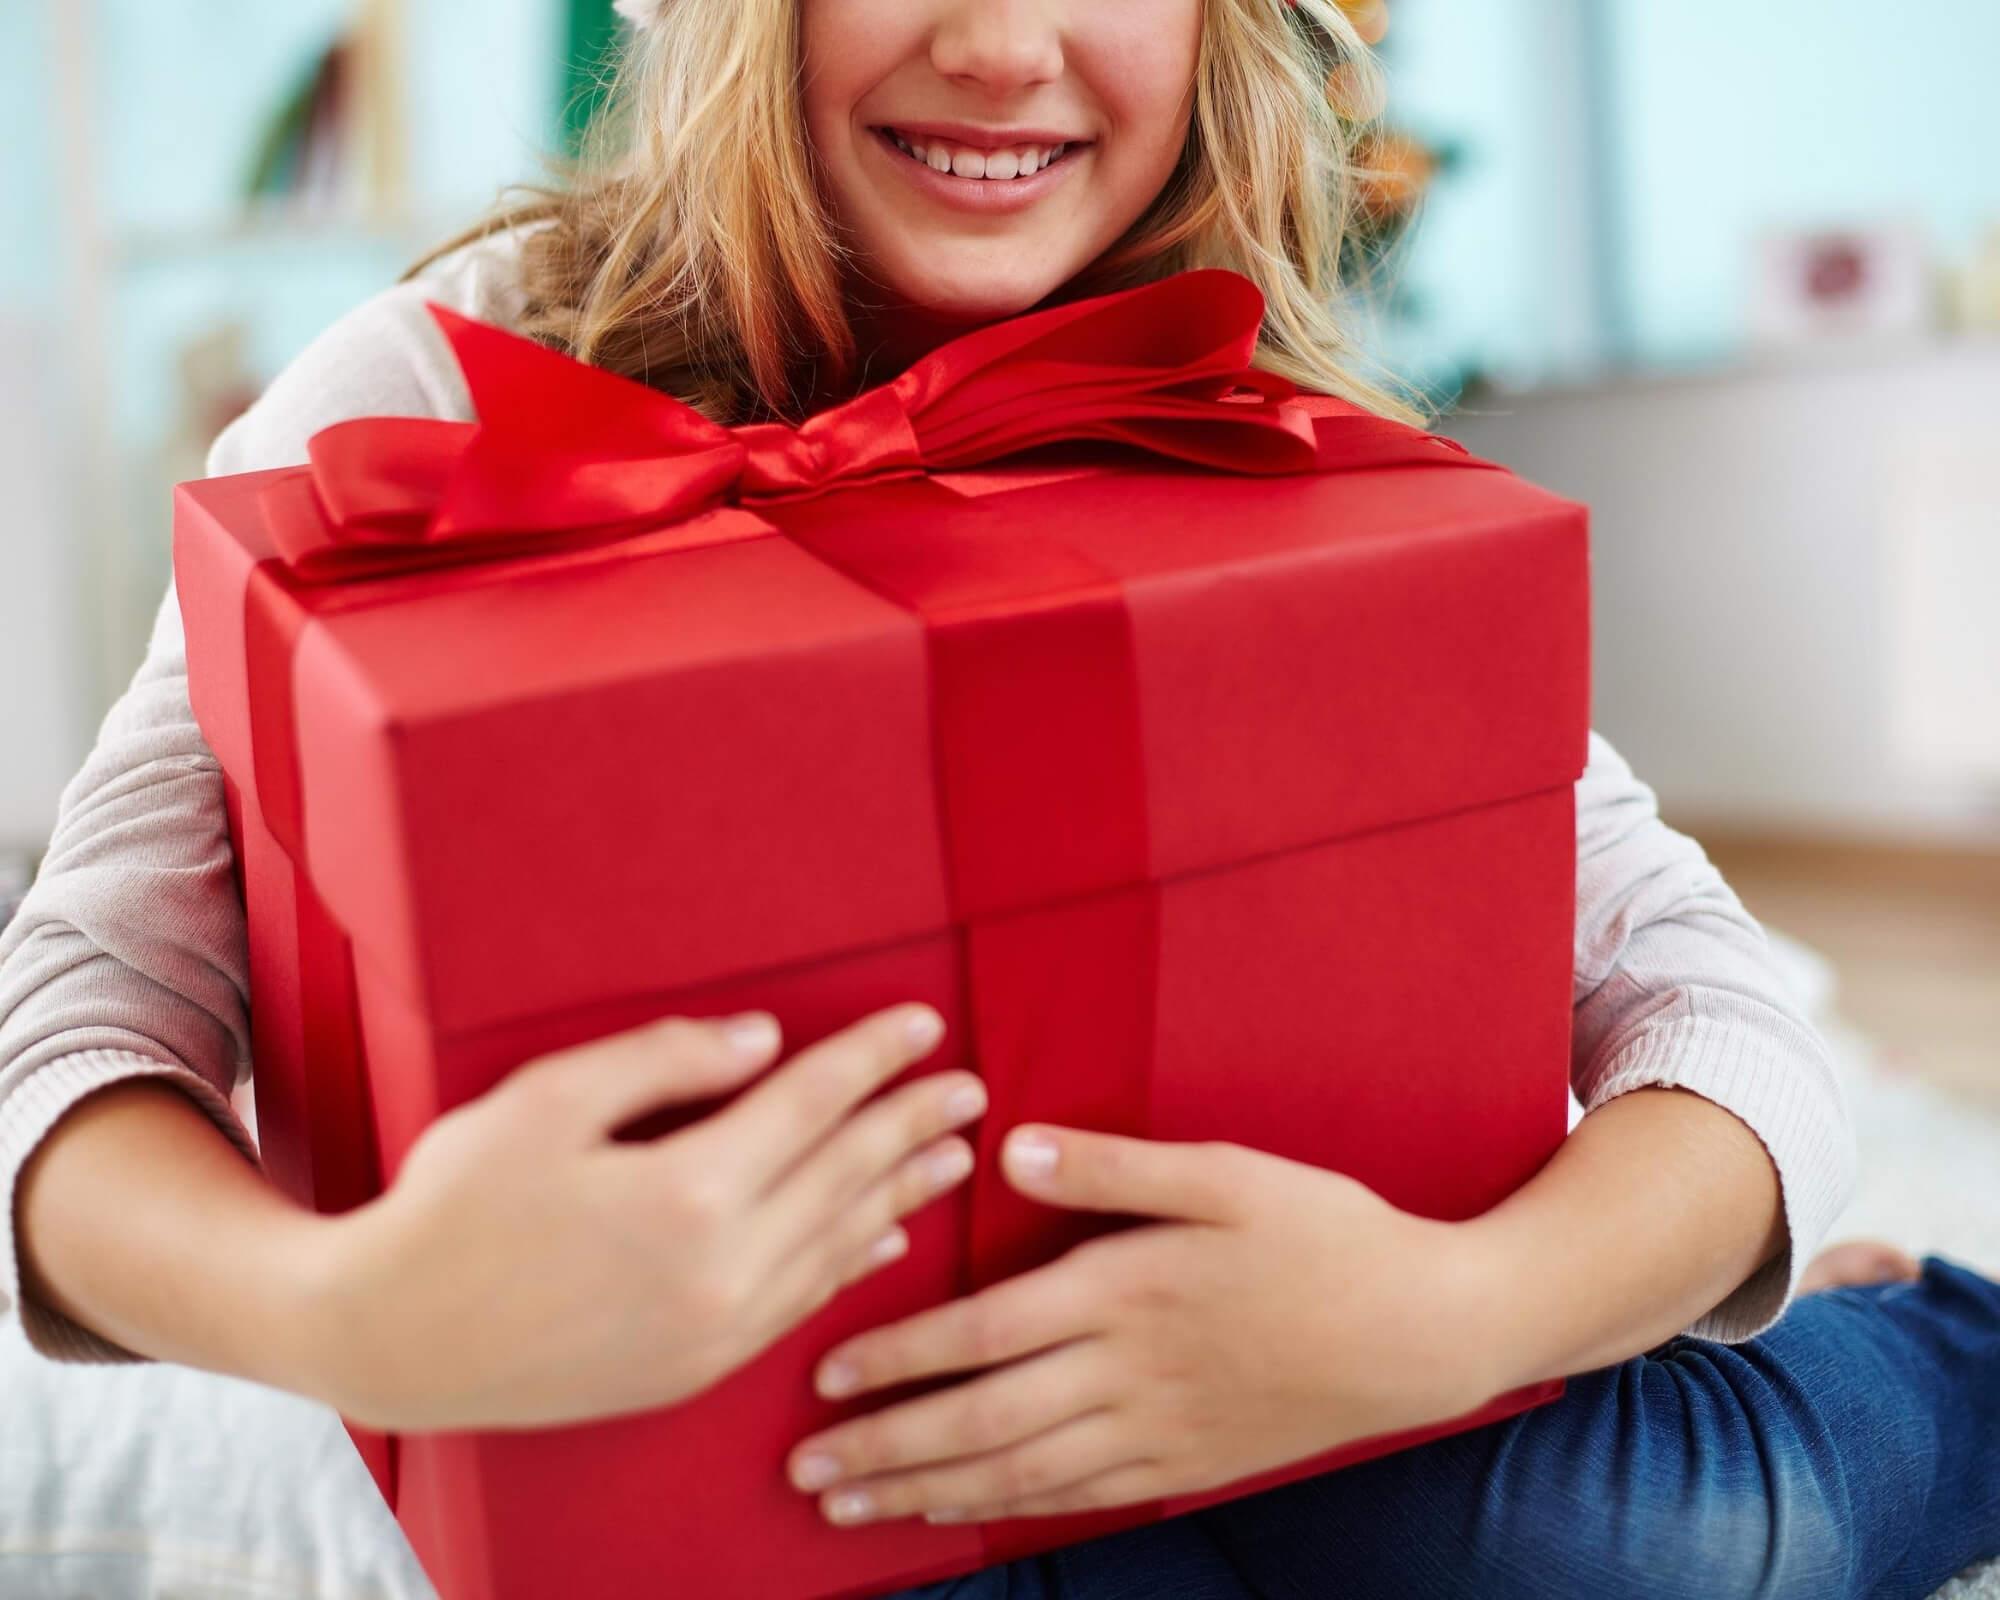 Los clientes que reciben regalos promocionales se siente más satisfechos con su compra